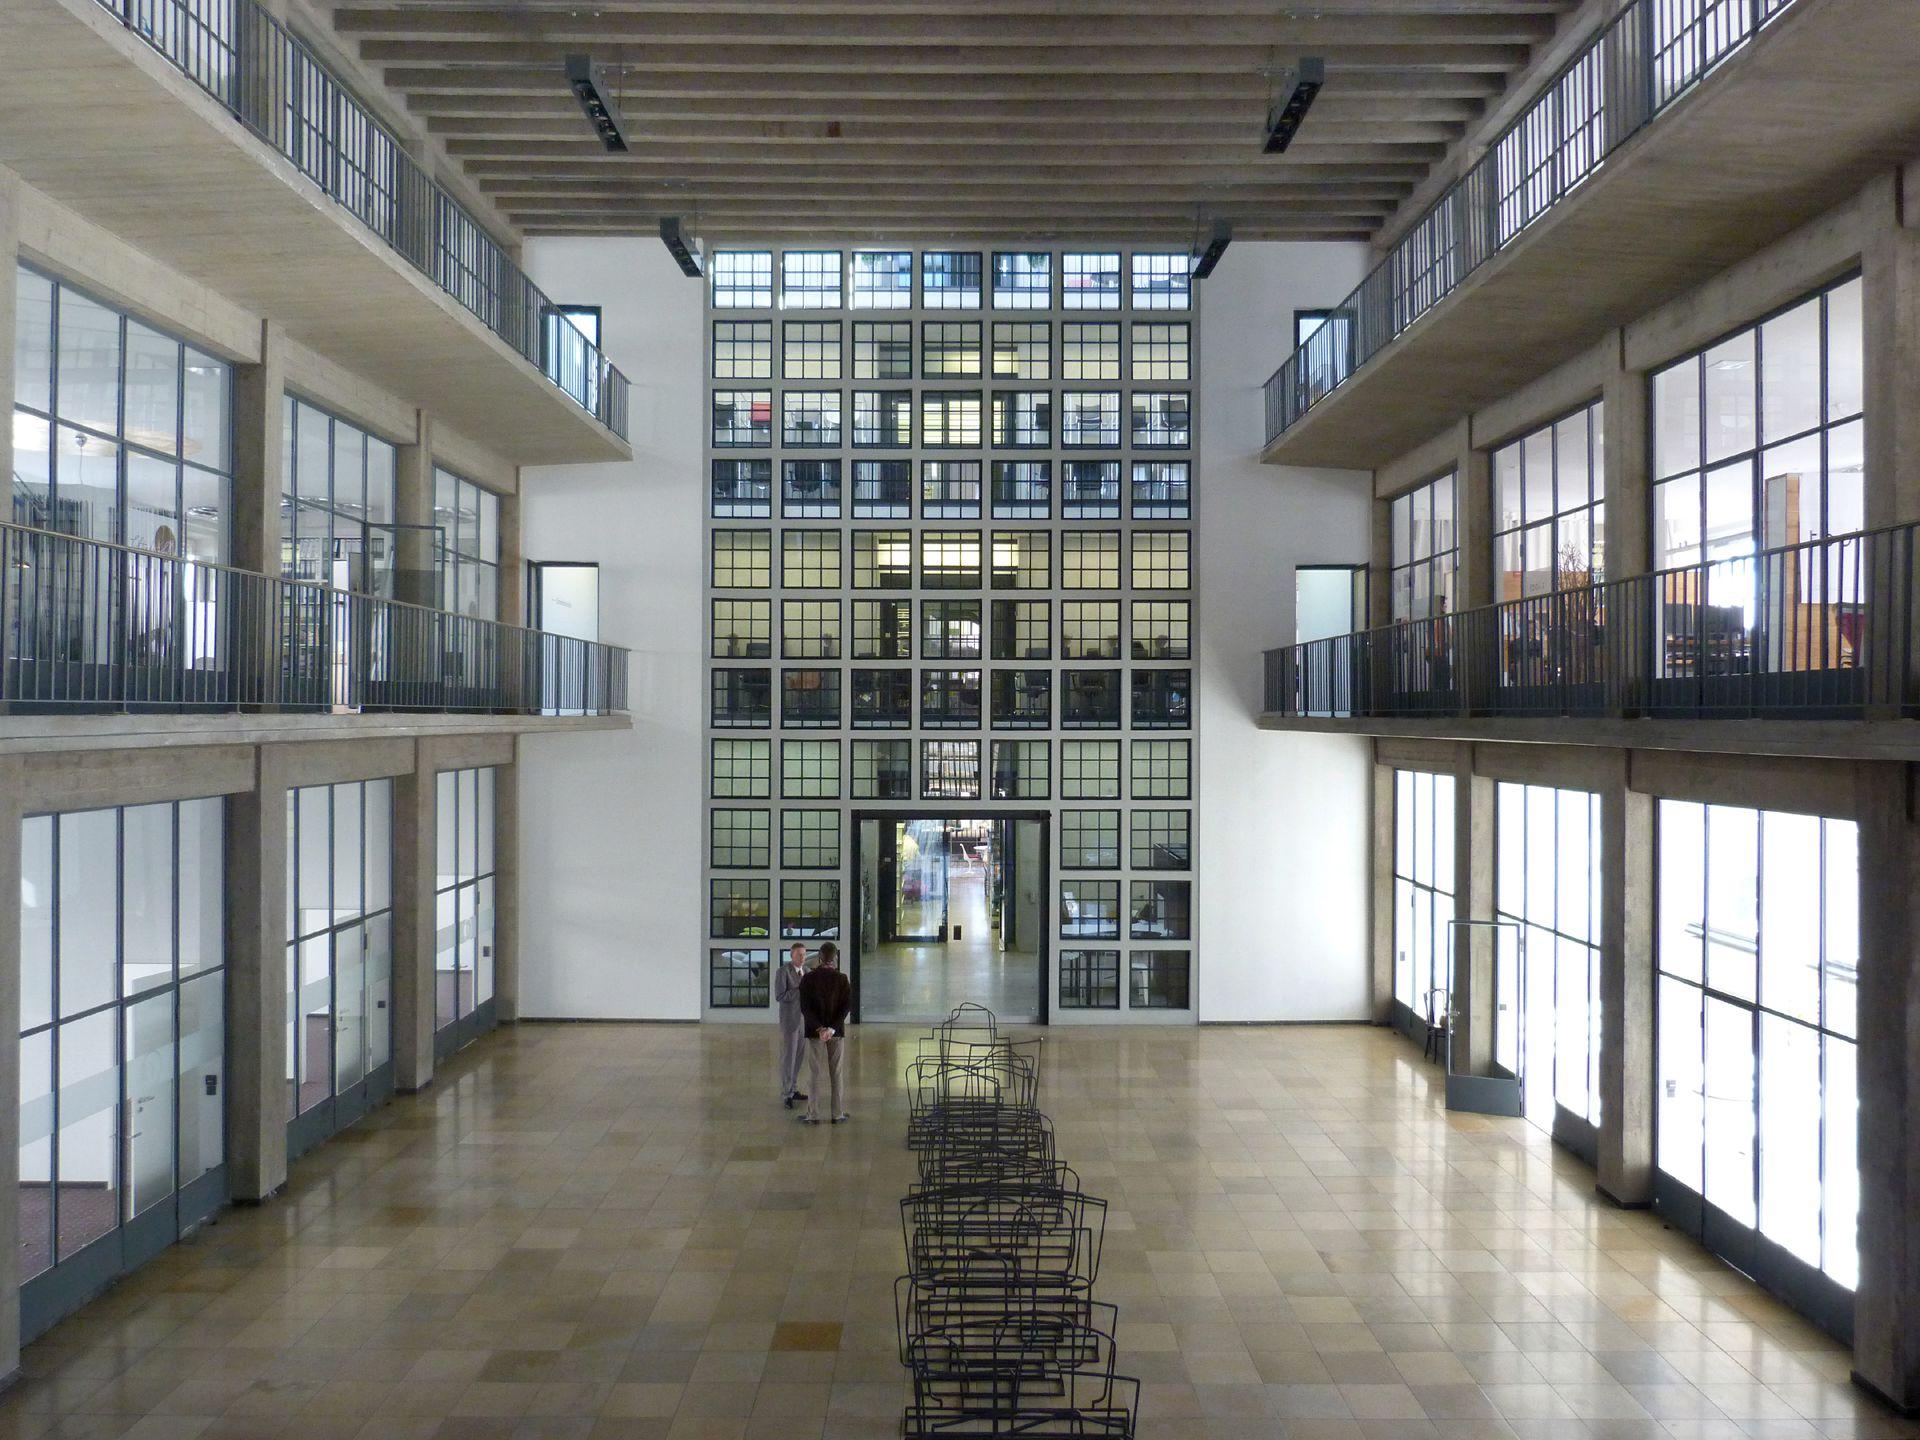 Milchhof Innenraum von der ersten Galerie